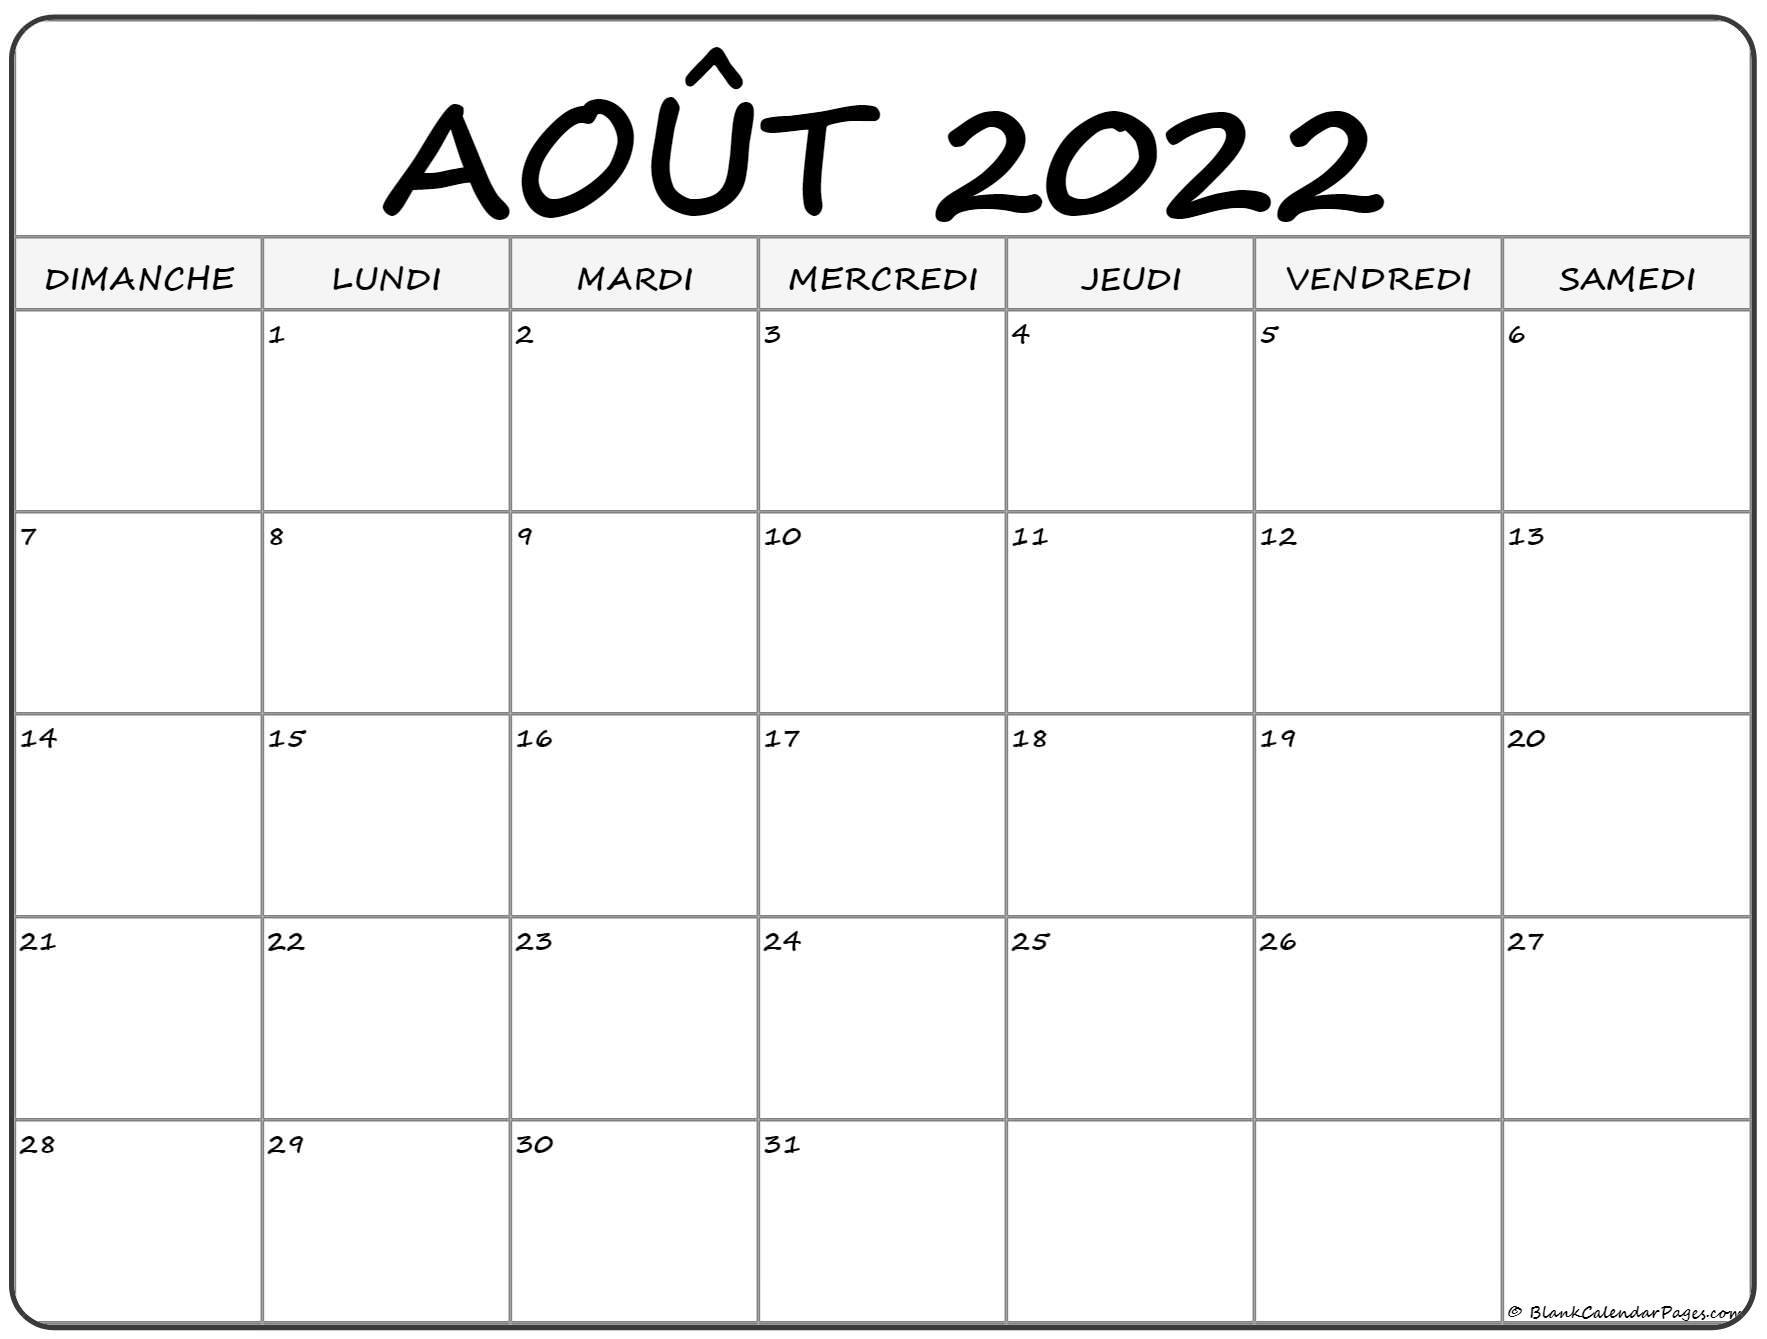 Calendrier Aout Septembre 2022 août 2022 calendrier imprimable | Calendrier gratuit